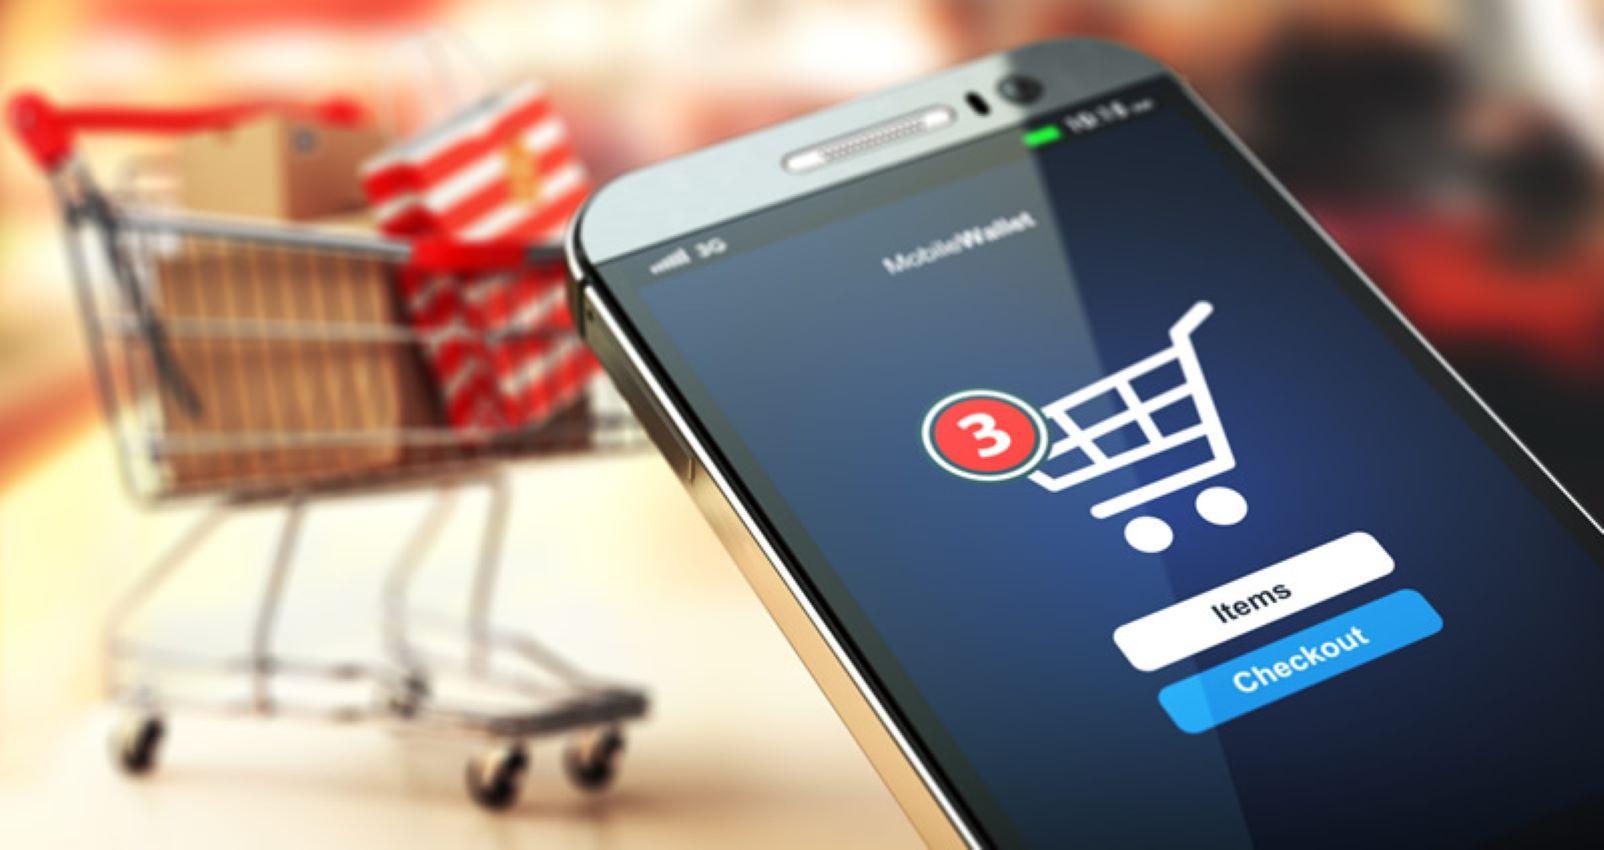 Confira nossas 5 dicas sobre como vender na internet